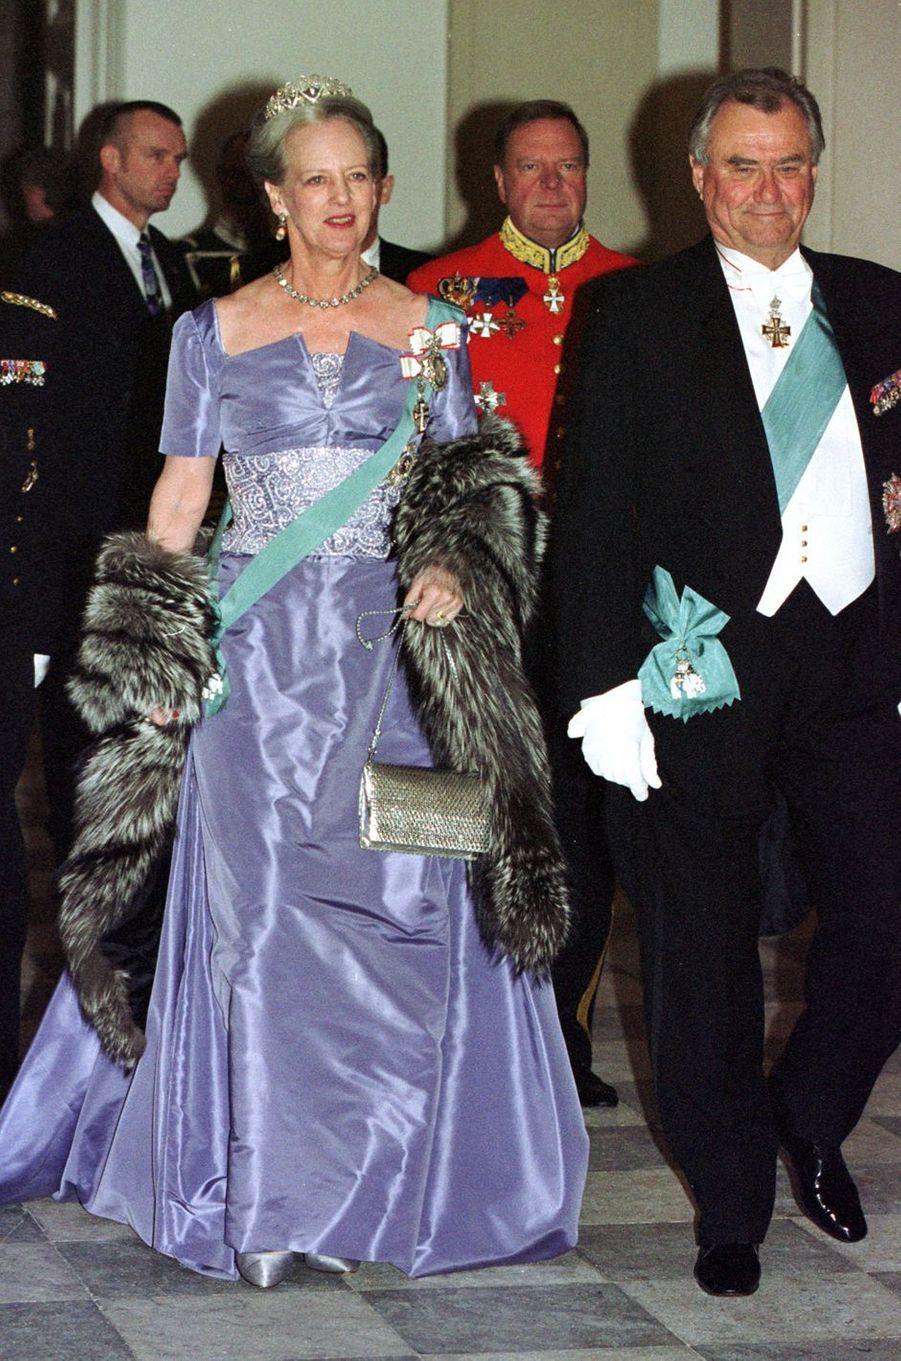 La reine Margrethe II de Danemark lors d'une réception pour le gouvernement et le Parlement, le 14 mars 2001